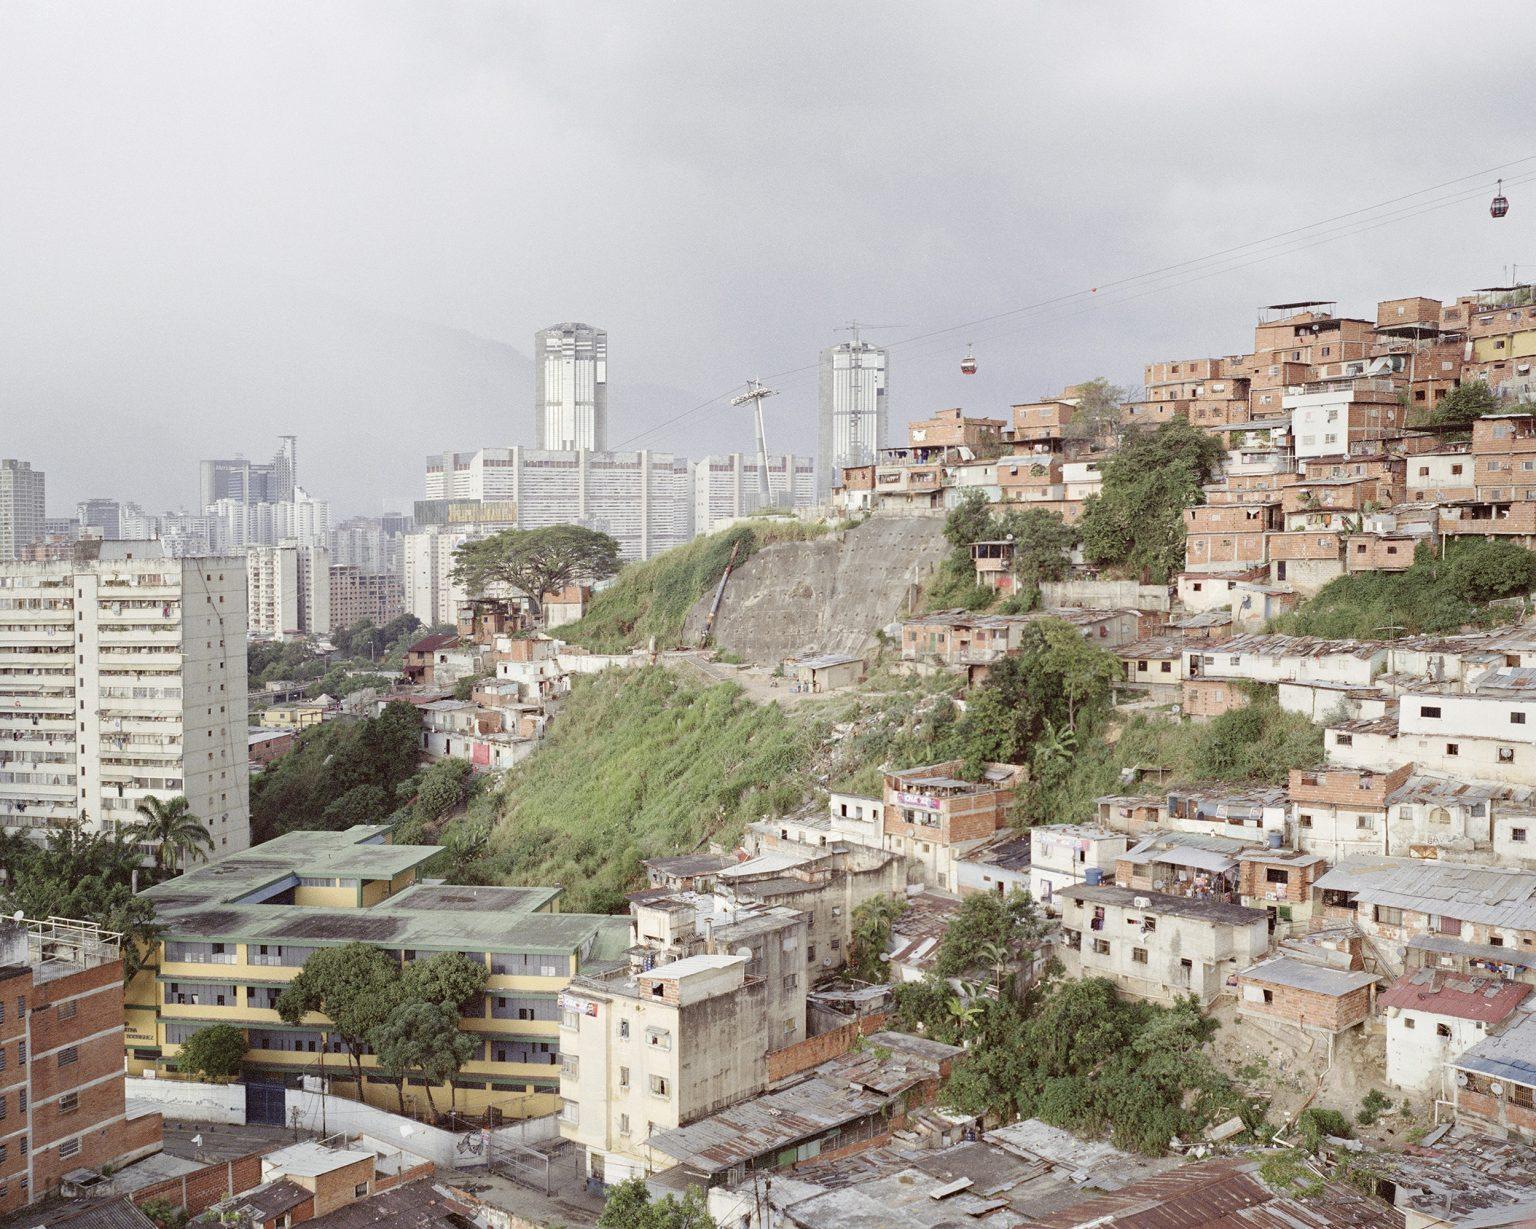 A view of Caracas, capital of Venezuela.